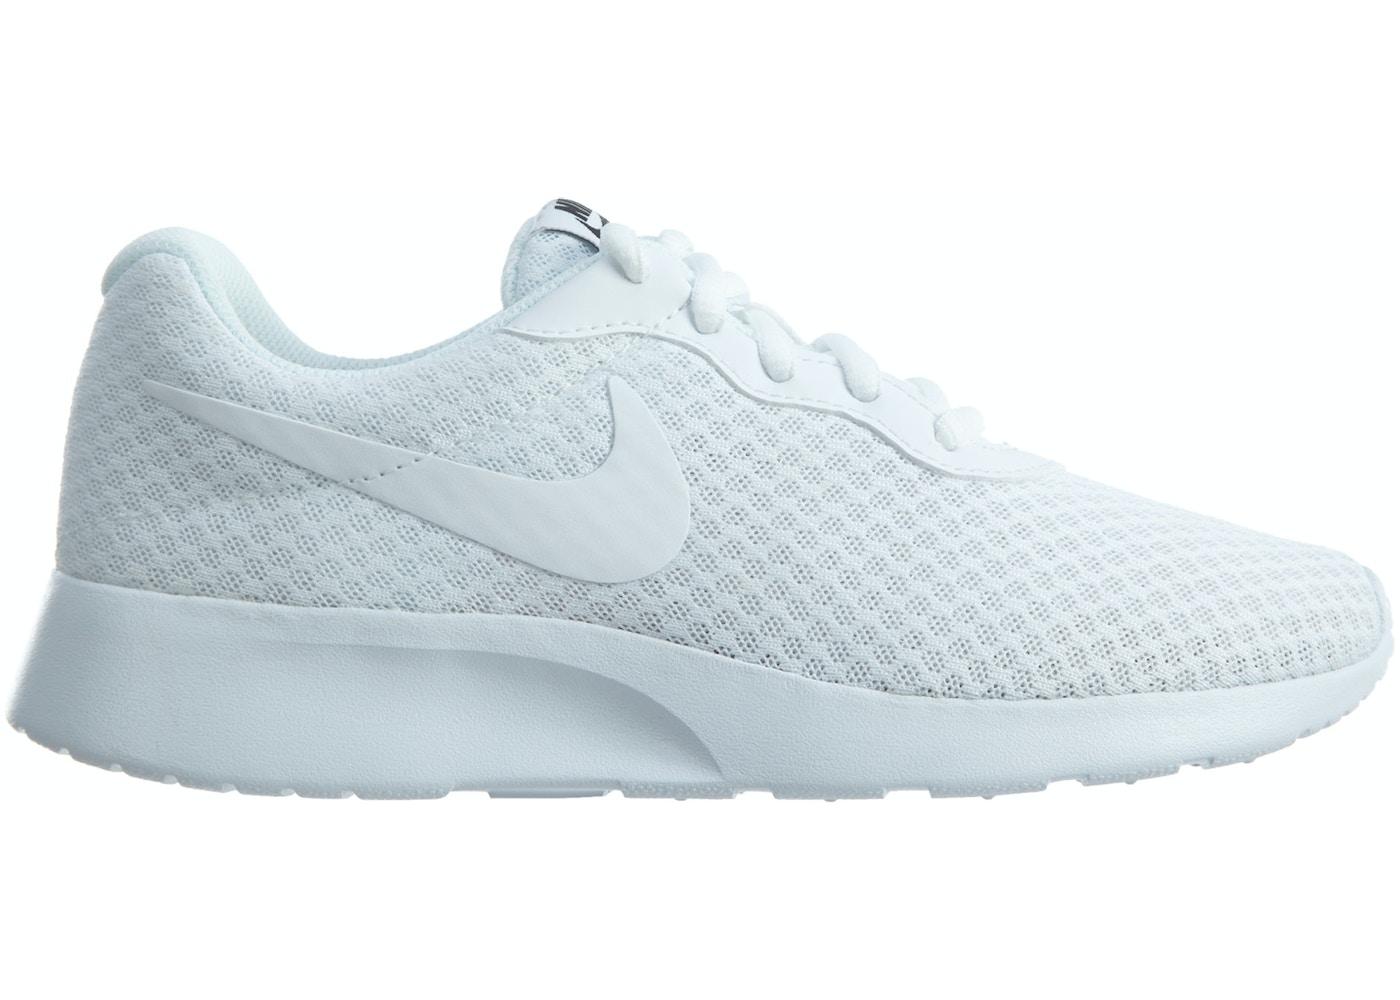 1162e6f40575 Nike Tanjun White White-Black (W) - 812655-110